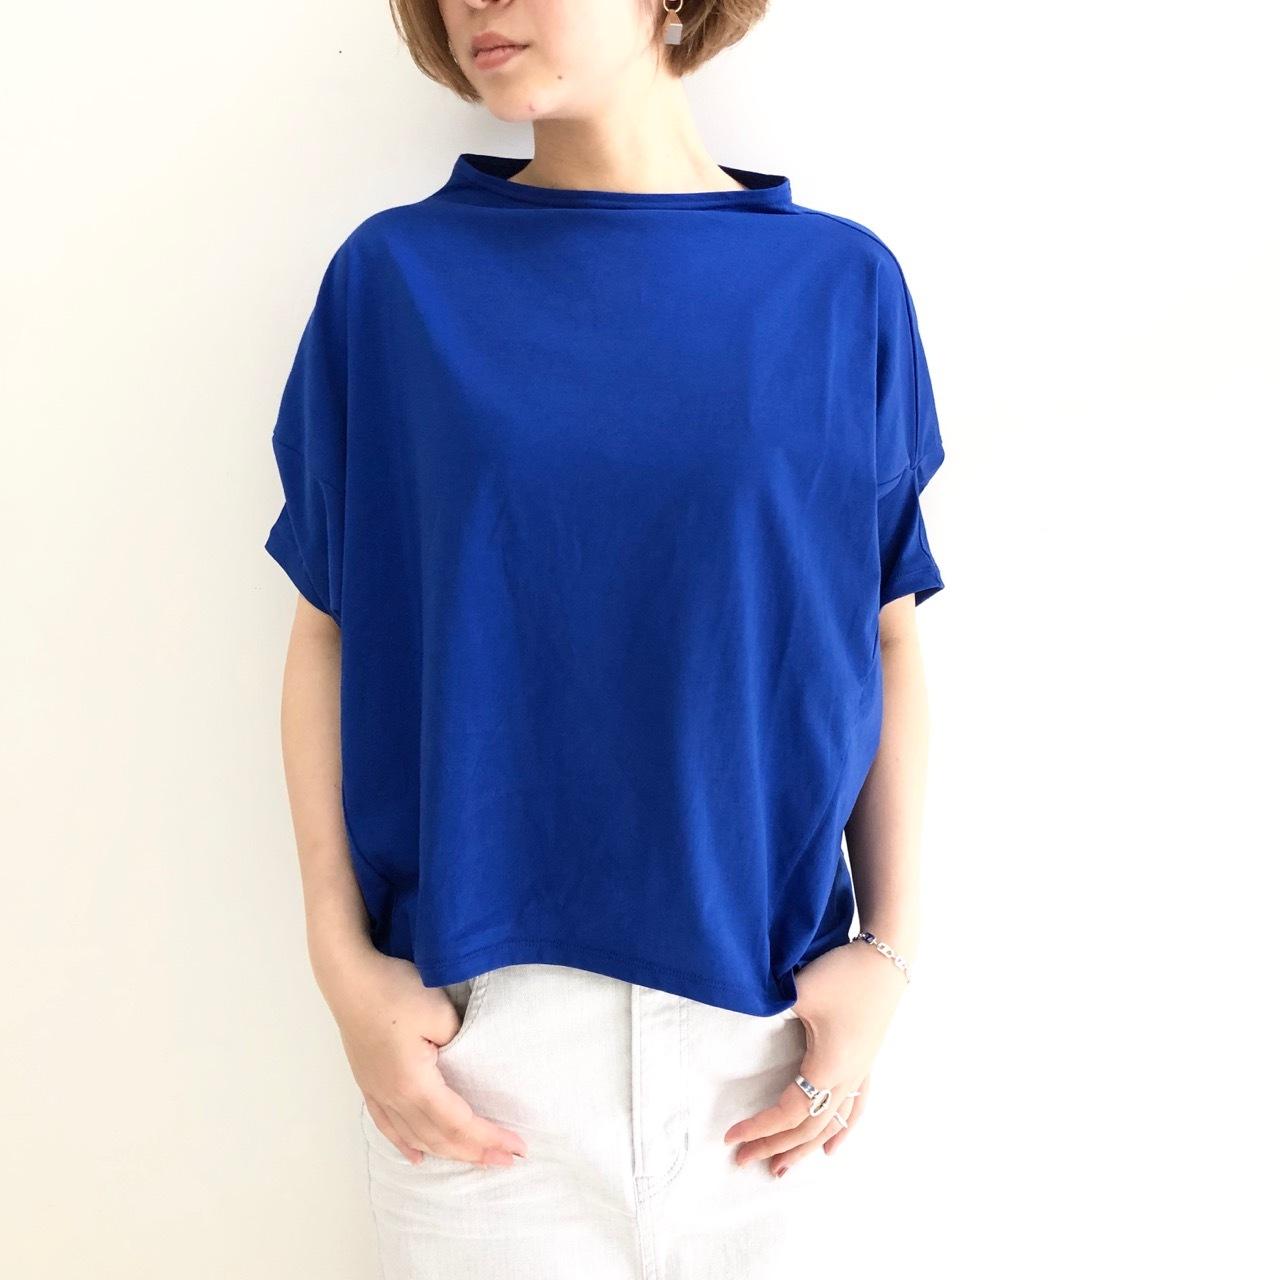 【 OTUME 】ボトルネックTeeシャツ